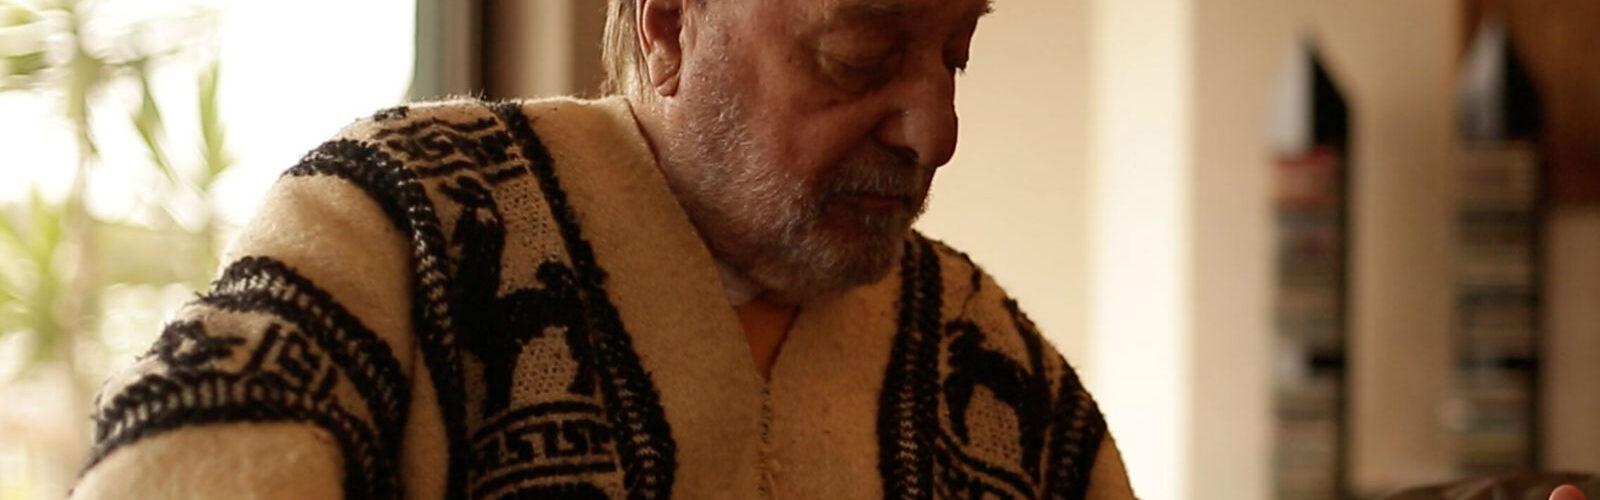 La música chilena está de duelo: Falleció Patricio Manns en Reñaca